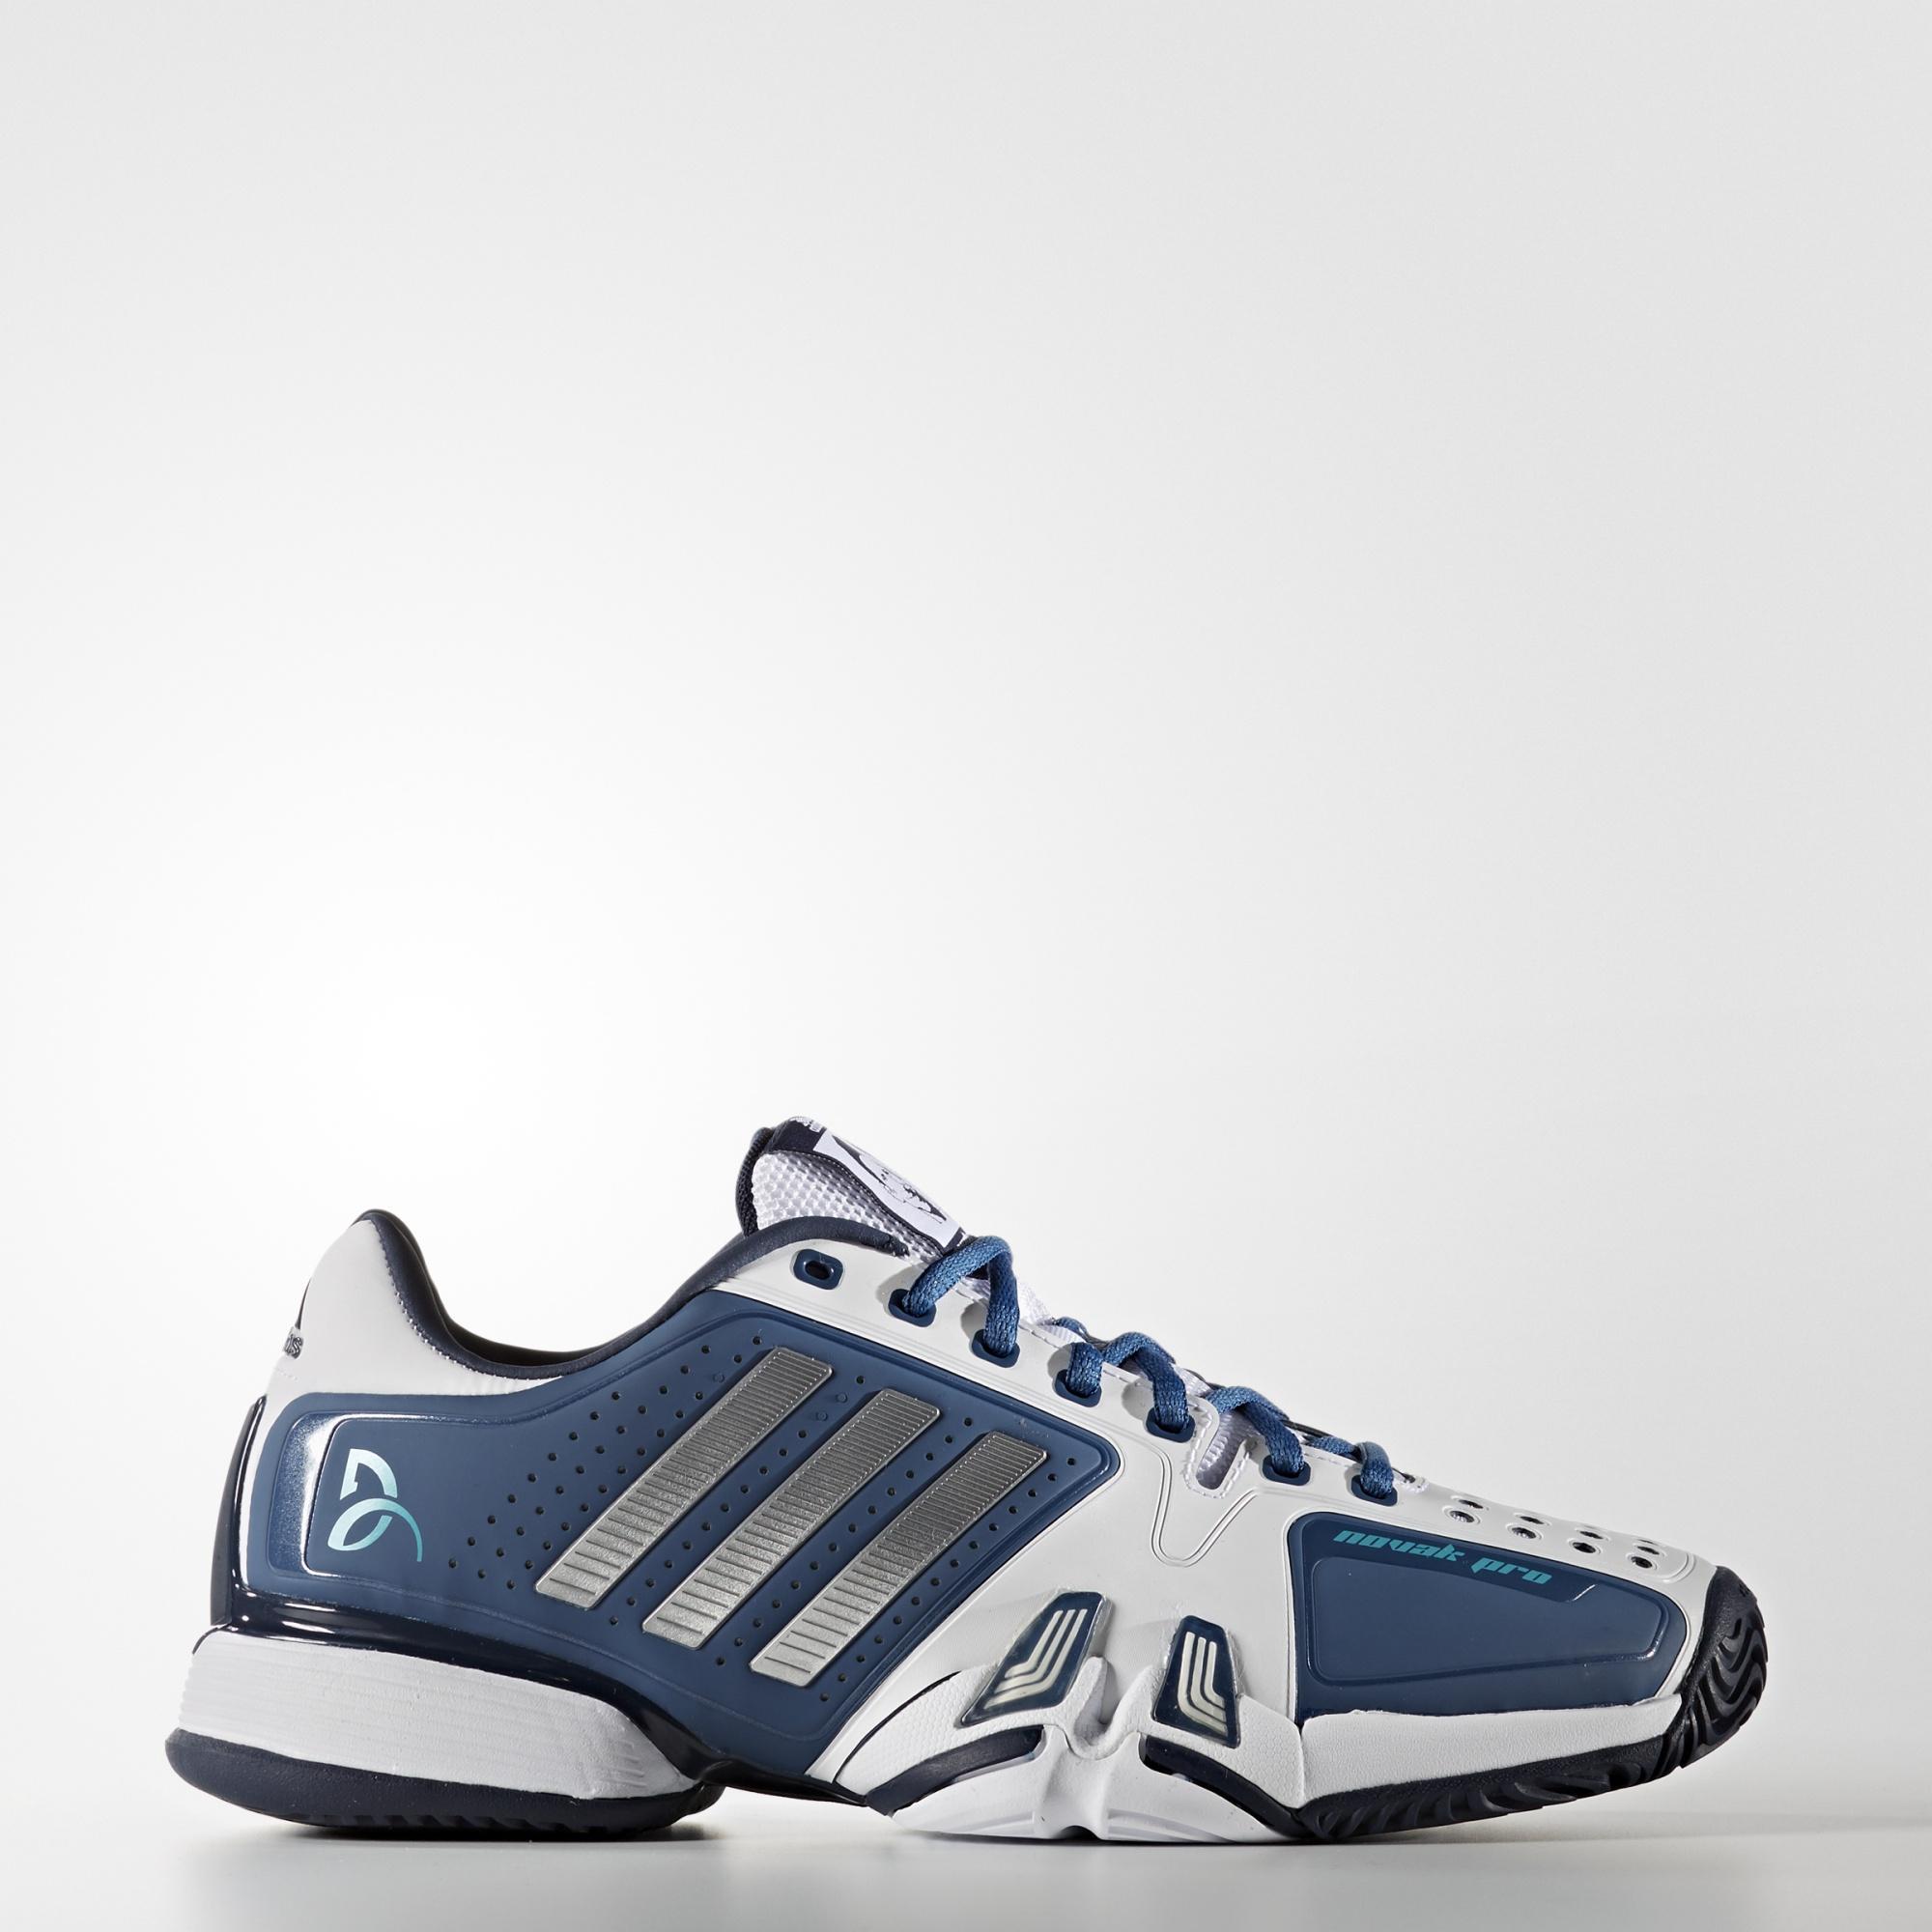 Chaussures de Tennis Adidas Novak Pro Blanc / Bleu / Gris pour Hommes - Tailles : 43 1/3, 46 2/3, 48 et 48 2/3